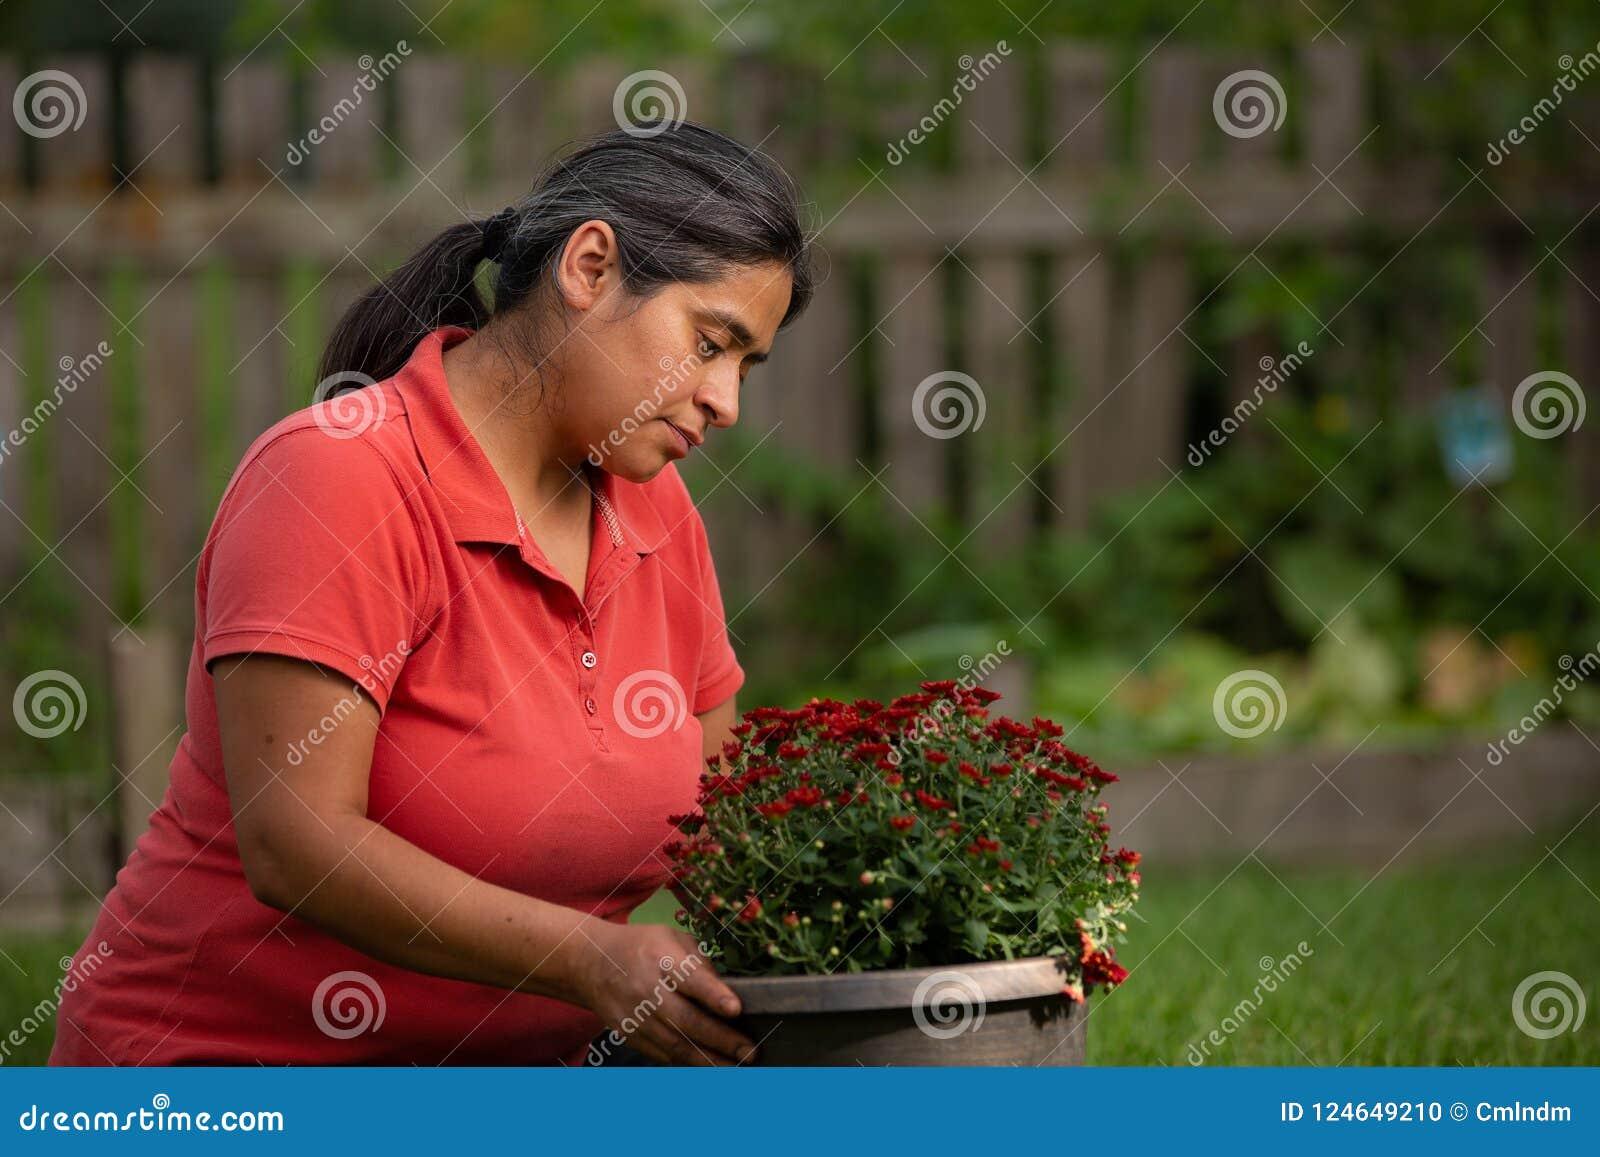 Preoccuparsi di lavoro della donna ispana per i suoi fiori